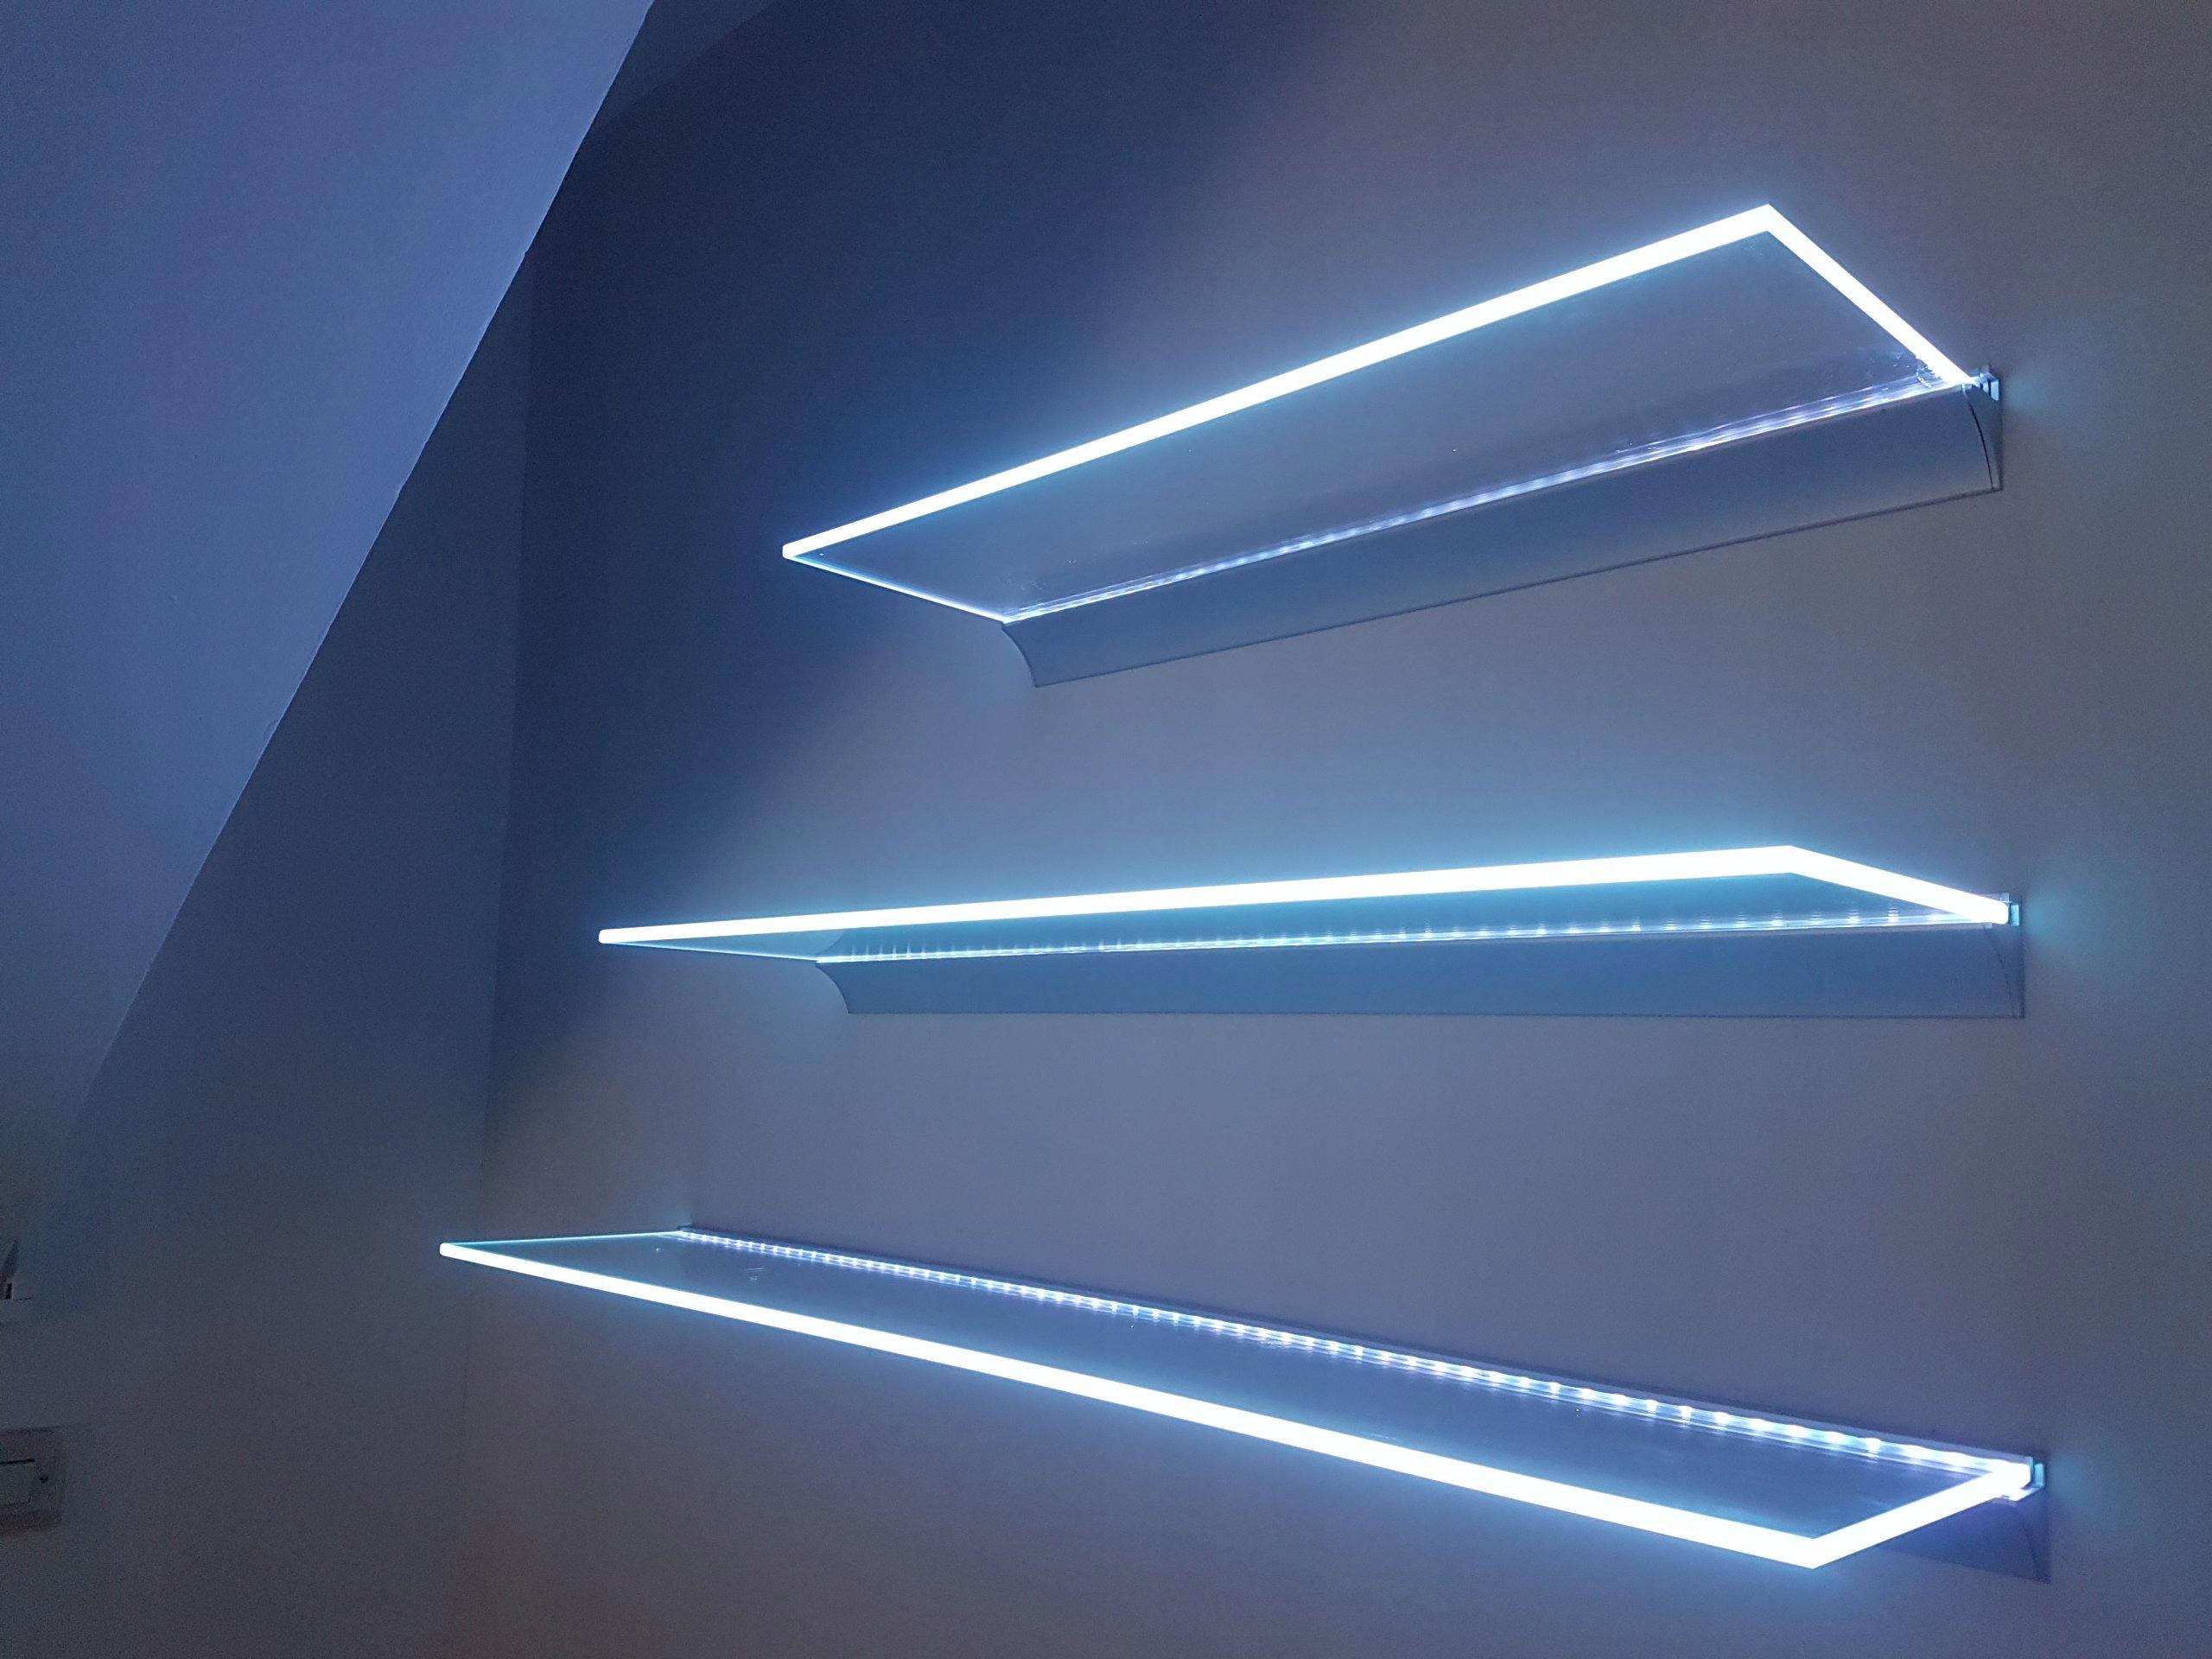 Sklenená polica veľkosť LEDowa 60 - 90 x 15 x 0,8 cm